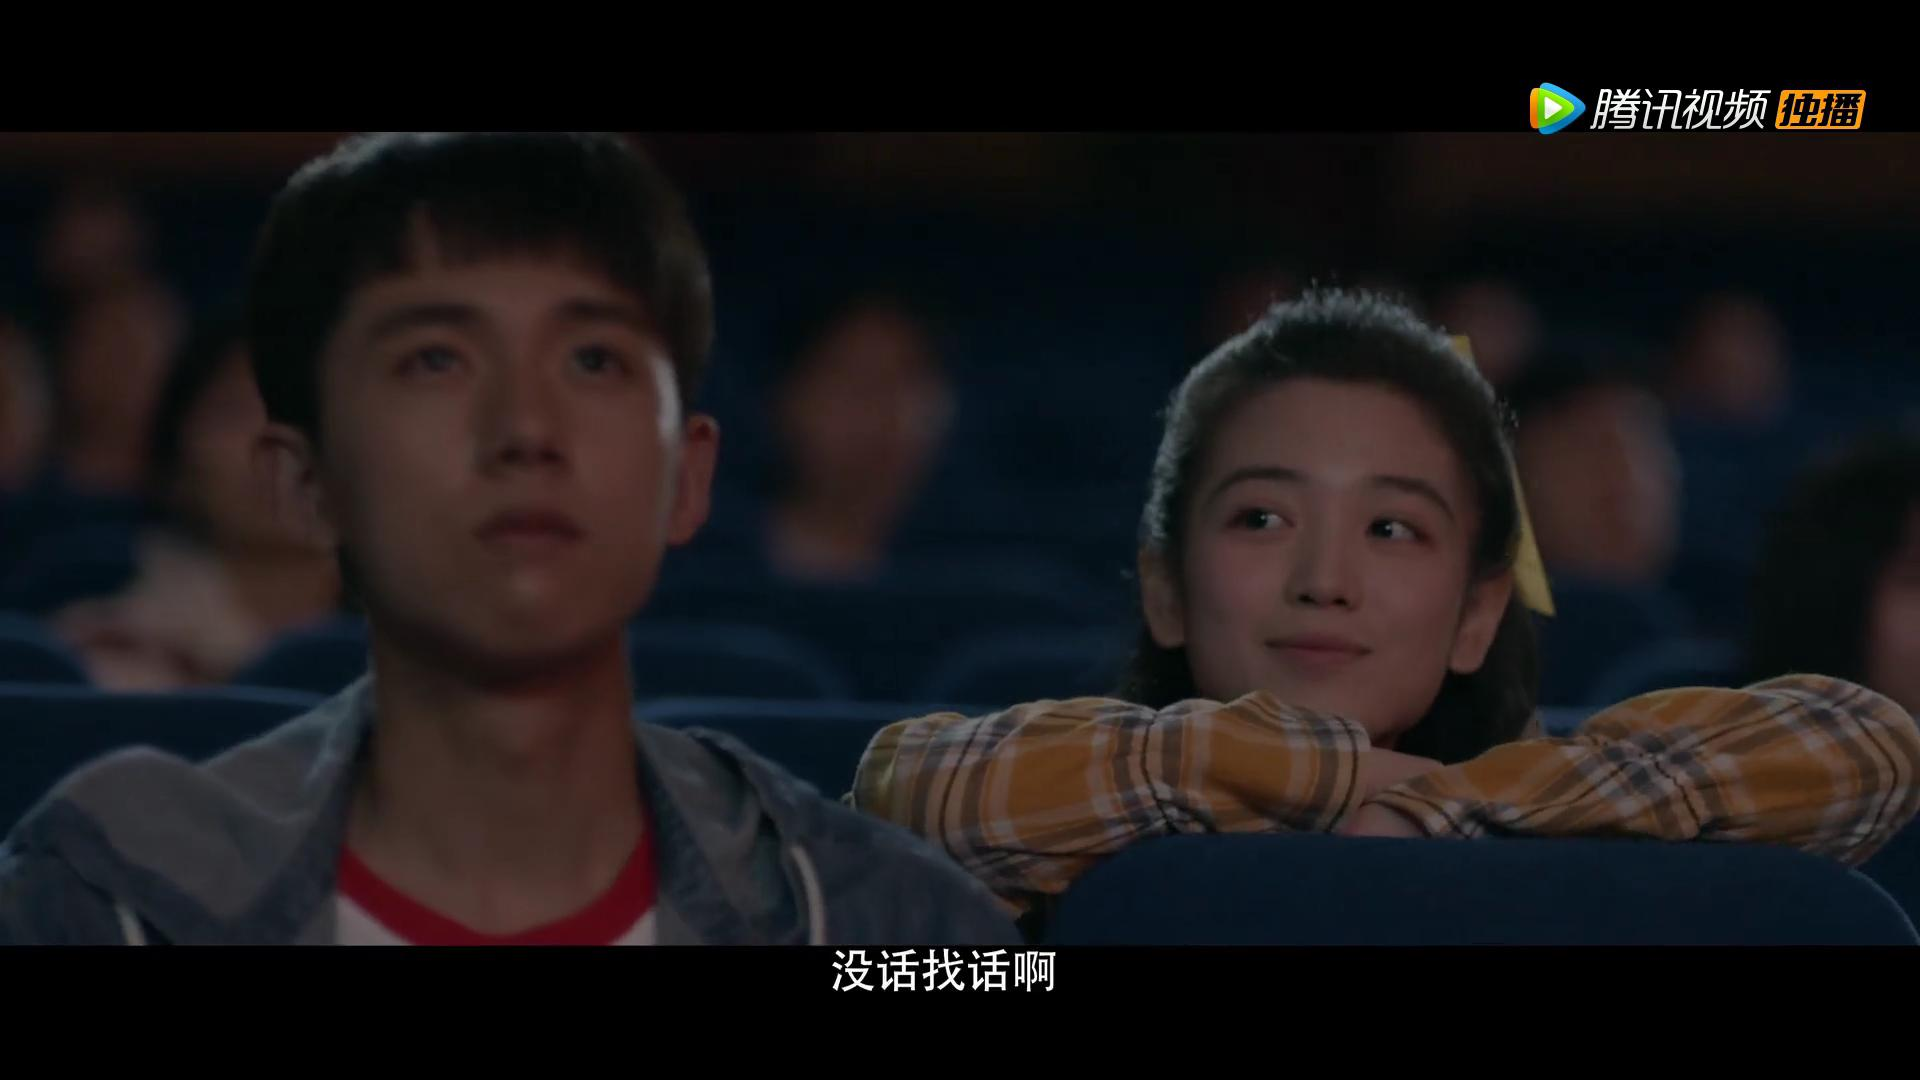 《人不彪悍枉少年》首发预告 侯明昊演绎懵懂初恋